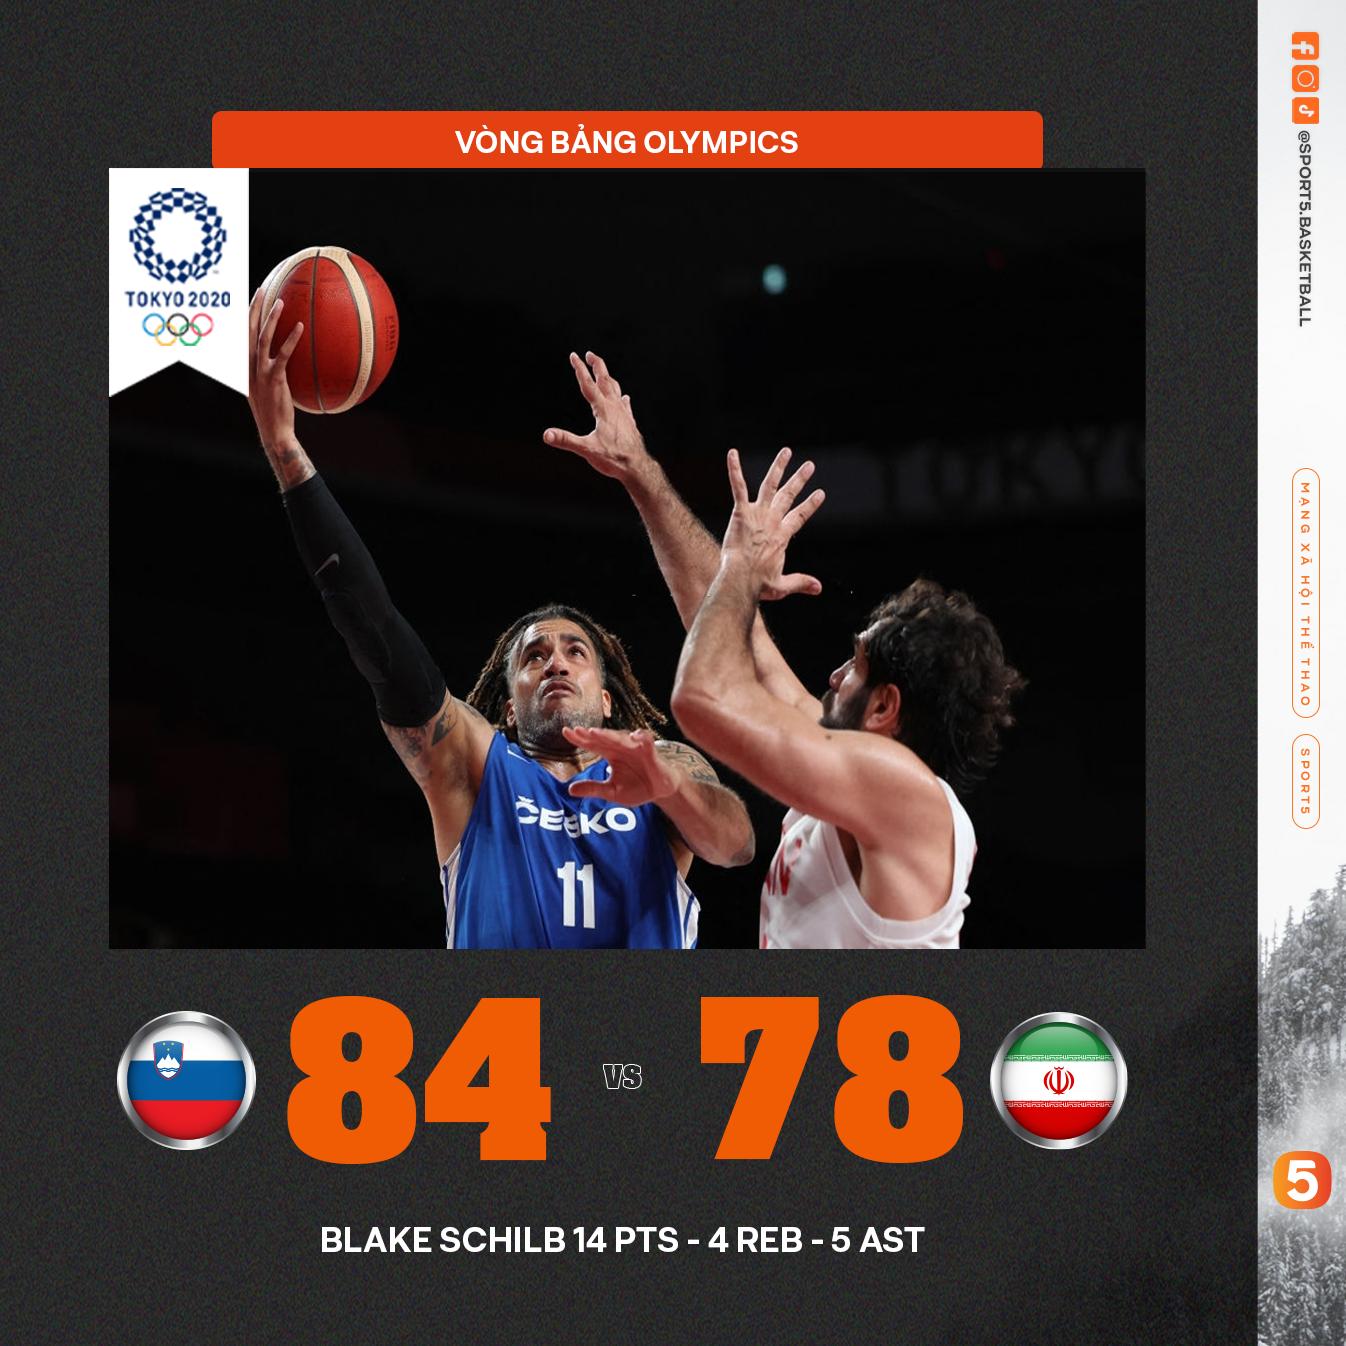 Tổng hợp kết quả ngày thi đấu thứ 1 Bóng rổ Olympics: Cú sốc mang tên ĐT Mỹ - Ảnh 2.